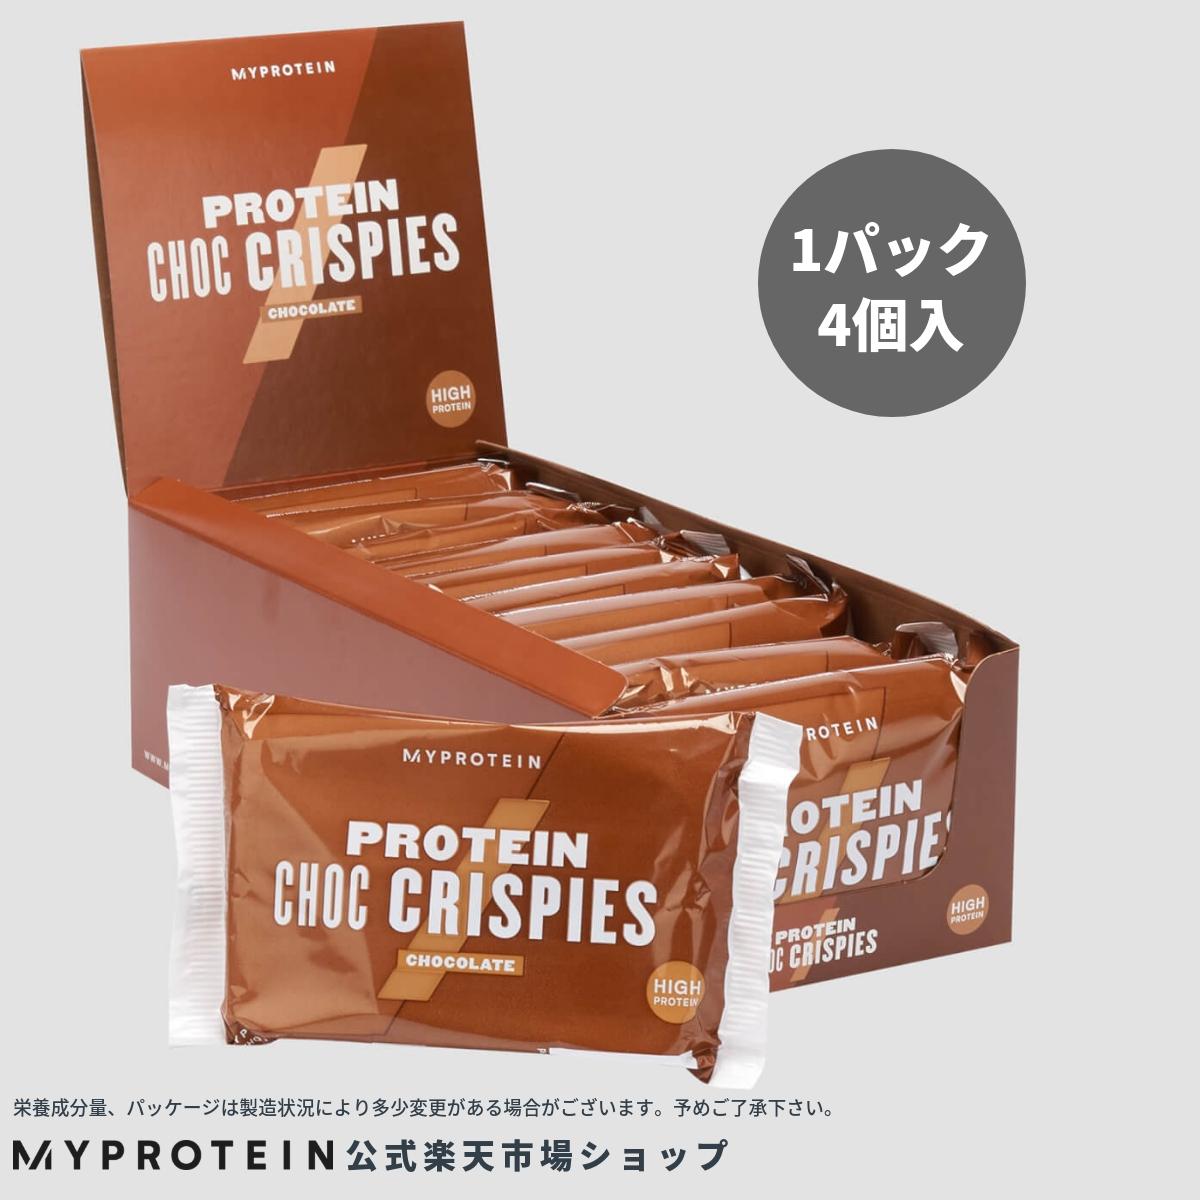 マイプロテイン 公式 【MyProtein】 プロテイン チョコ クリスピー 10パック入| プロテインバー プロテインスナック 低糖質 糖質制限 低糖 高炭水化物 高たんぱく 食物繊維